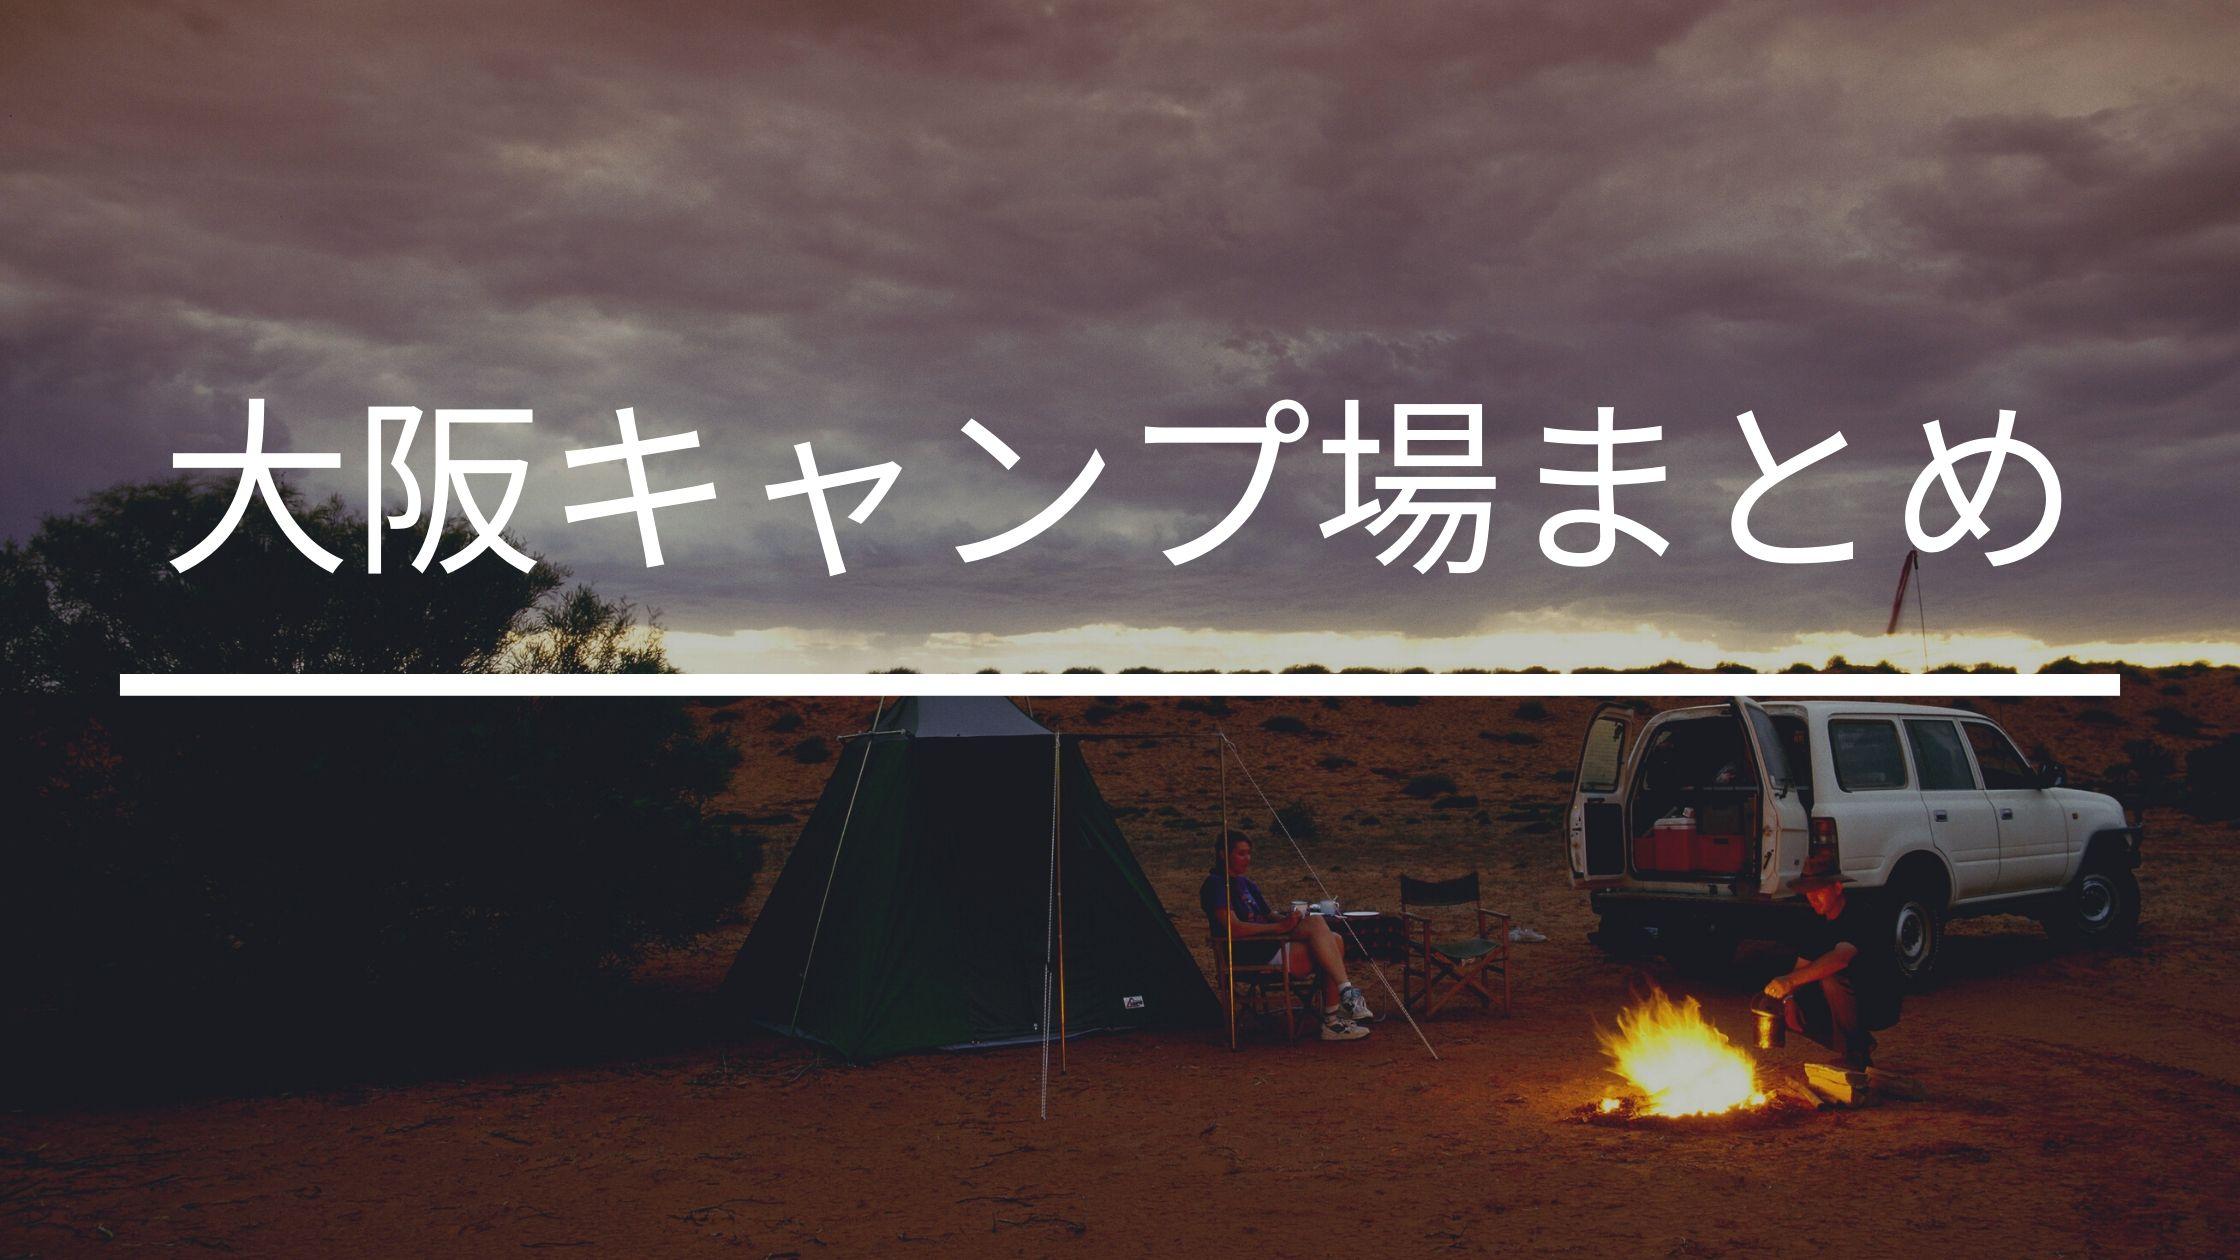 大阪キャンプ場 まとめ